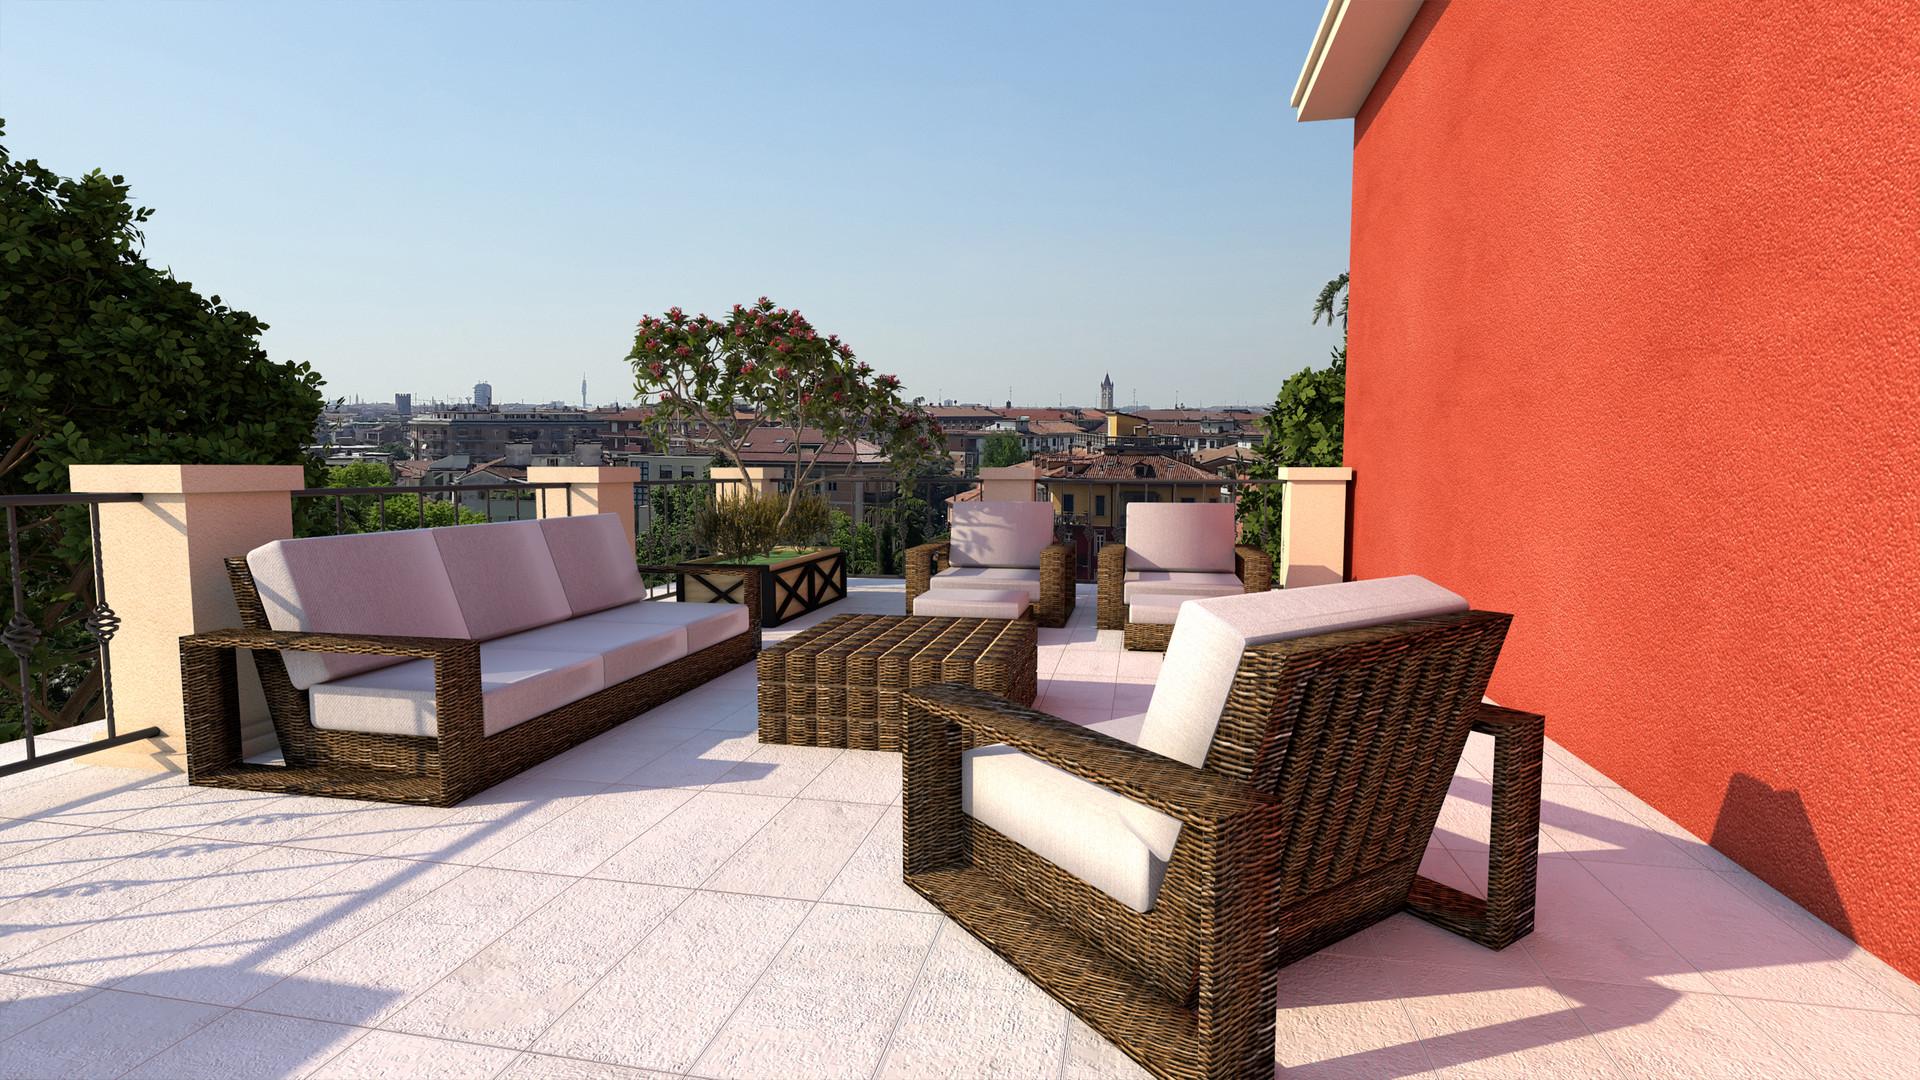 Grandi terrazze panoramiche